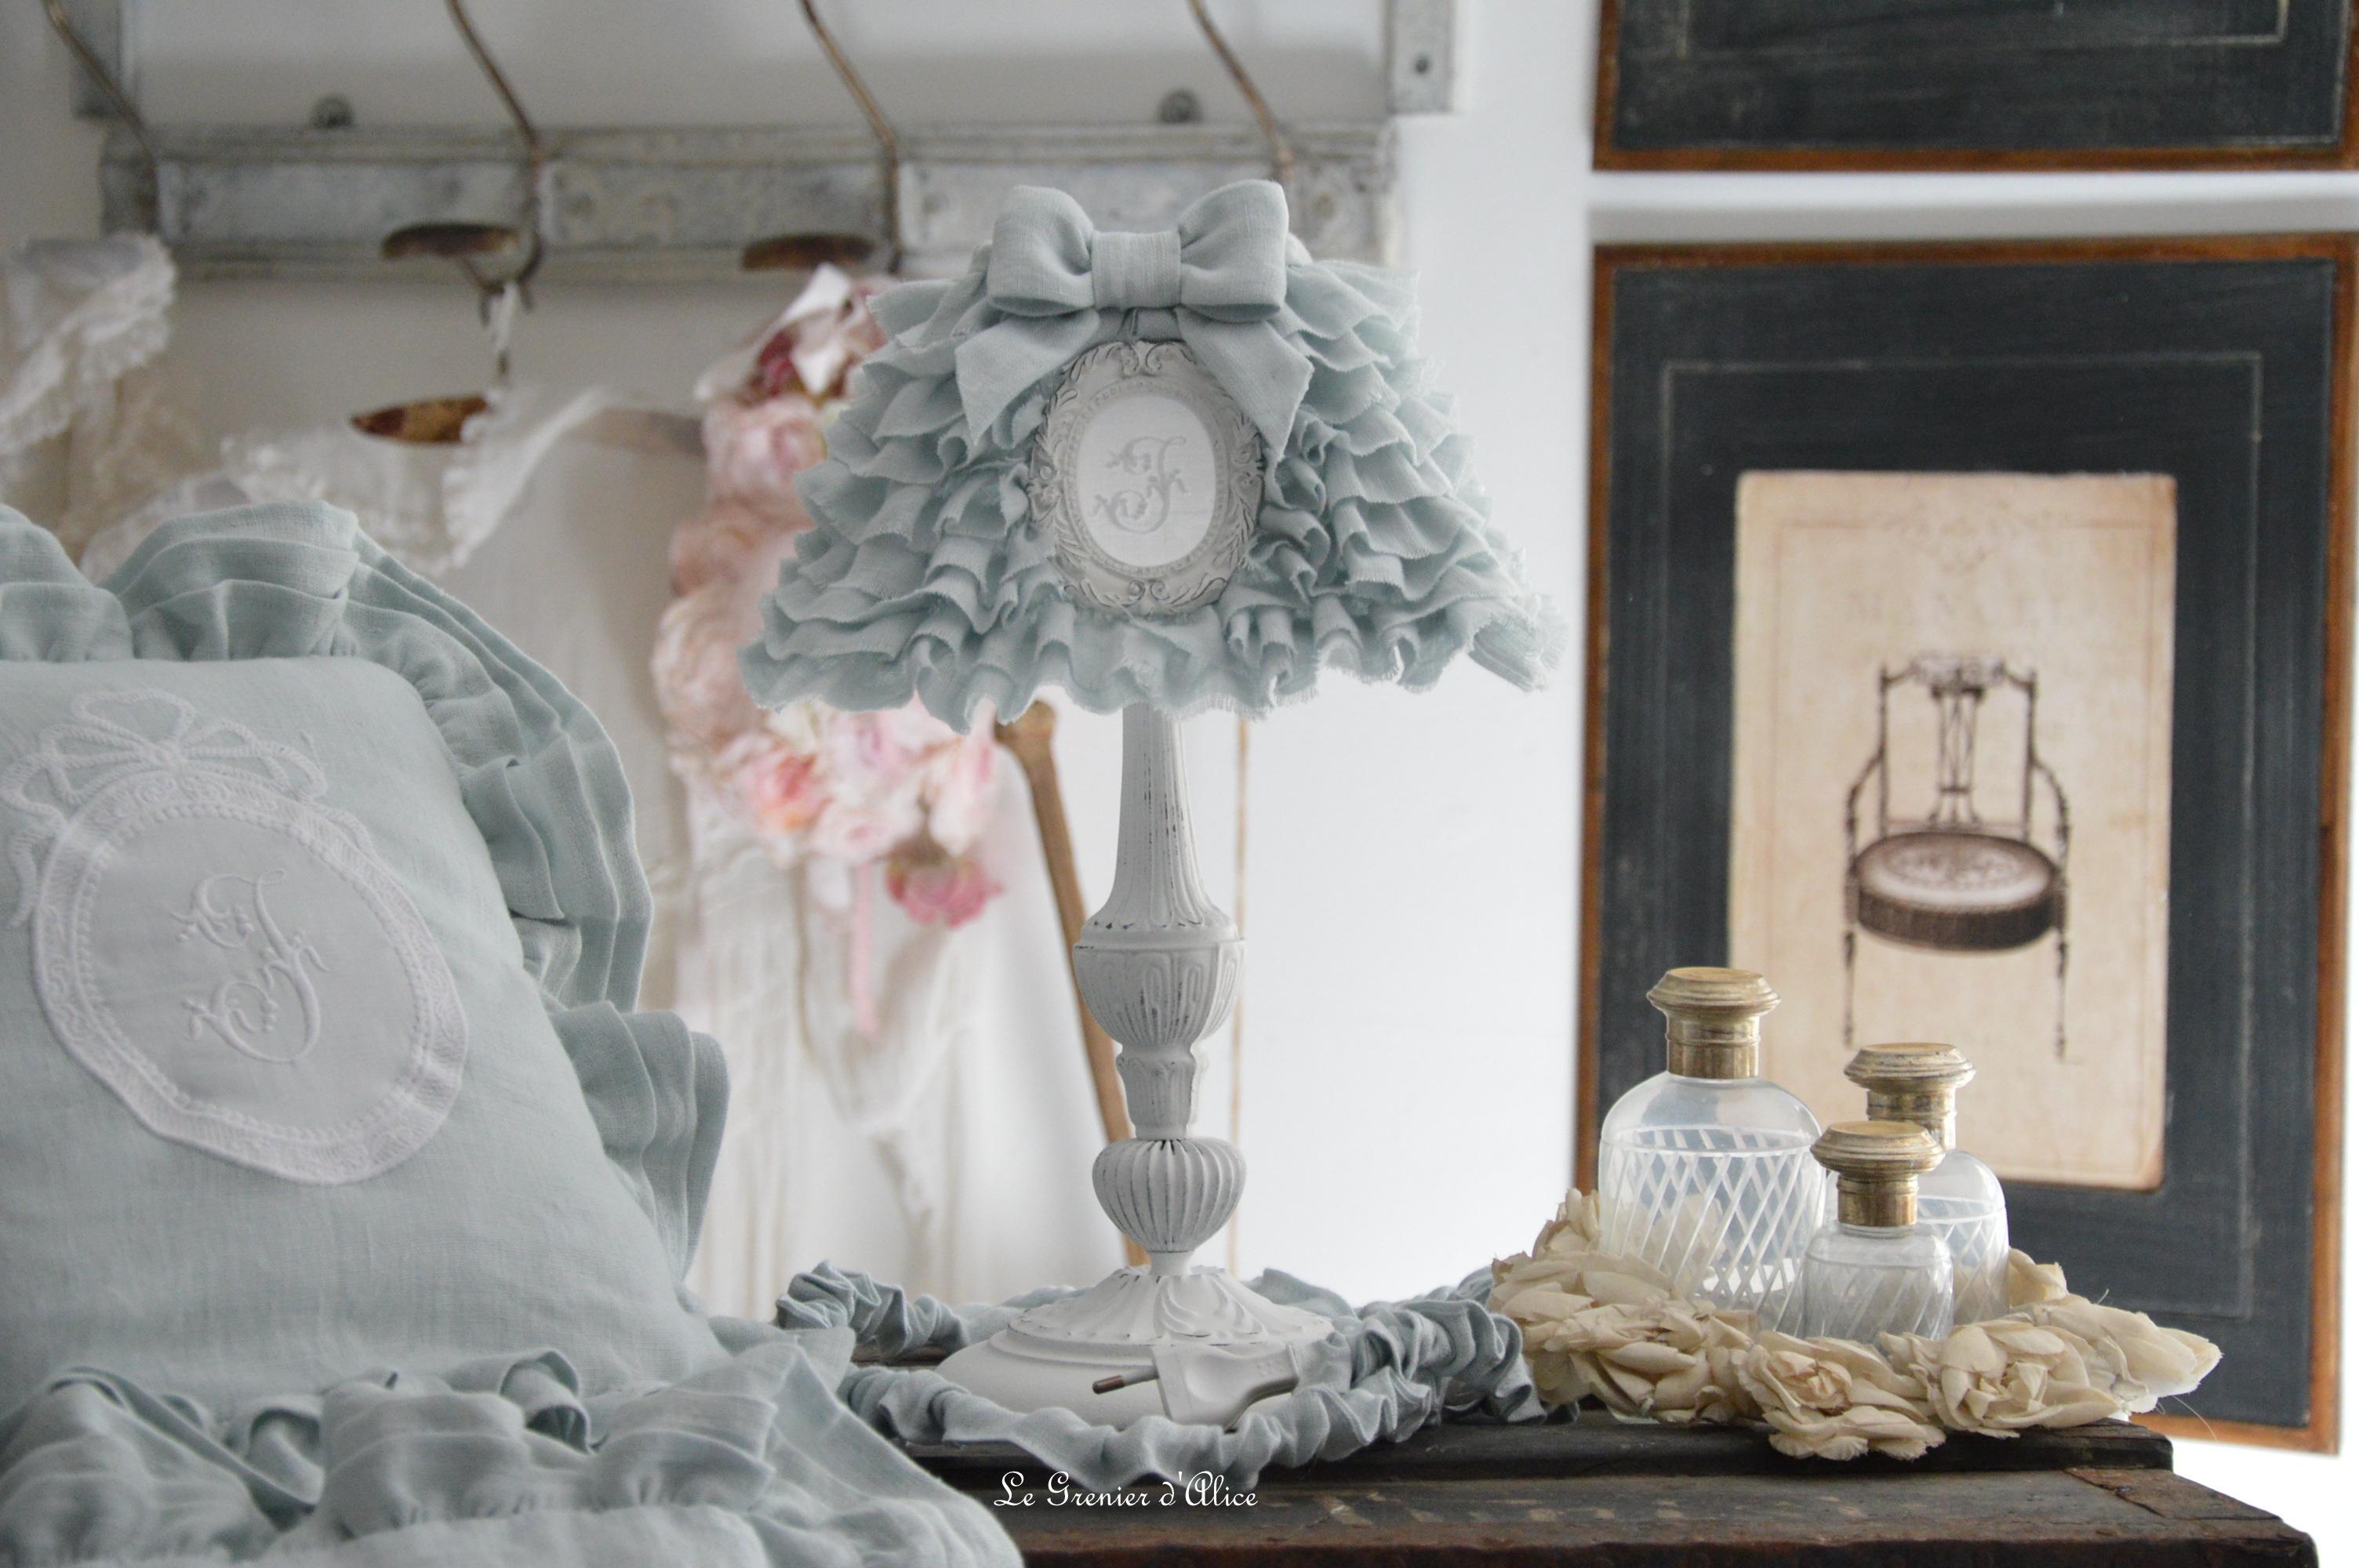 Bout de lit jeté de lit bout de pied shabby chic romantique lin gris nordique gris gustavien volant froufrou ruffle linen création le grenier dalice abat jour lampshade coussin pillow